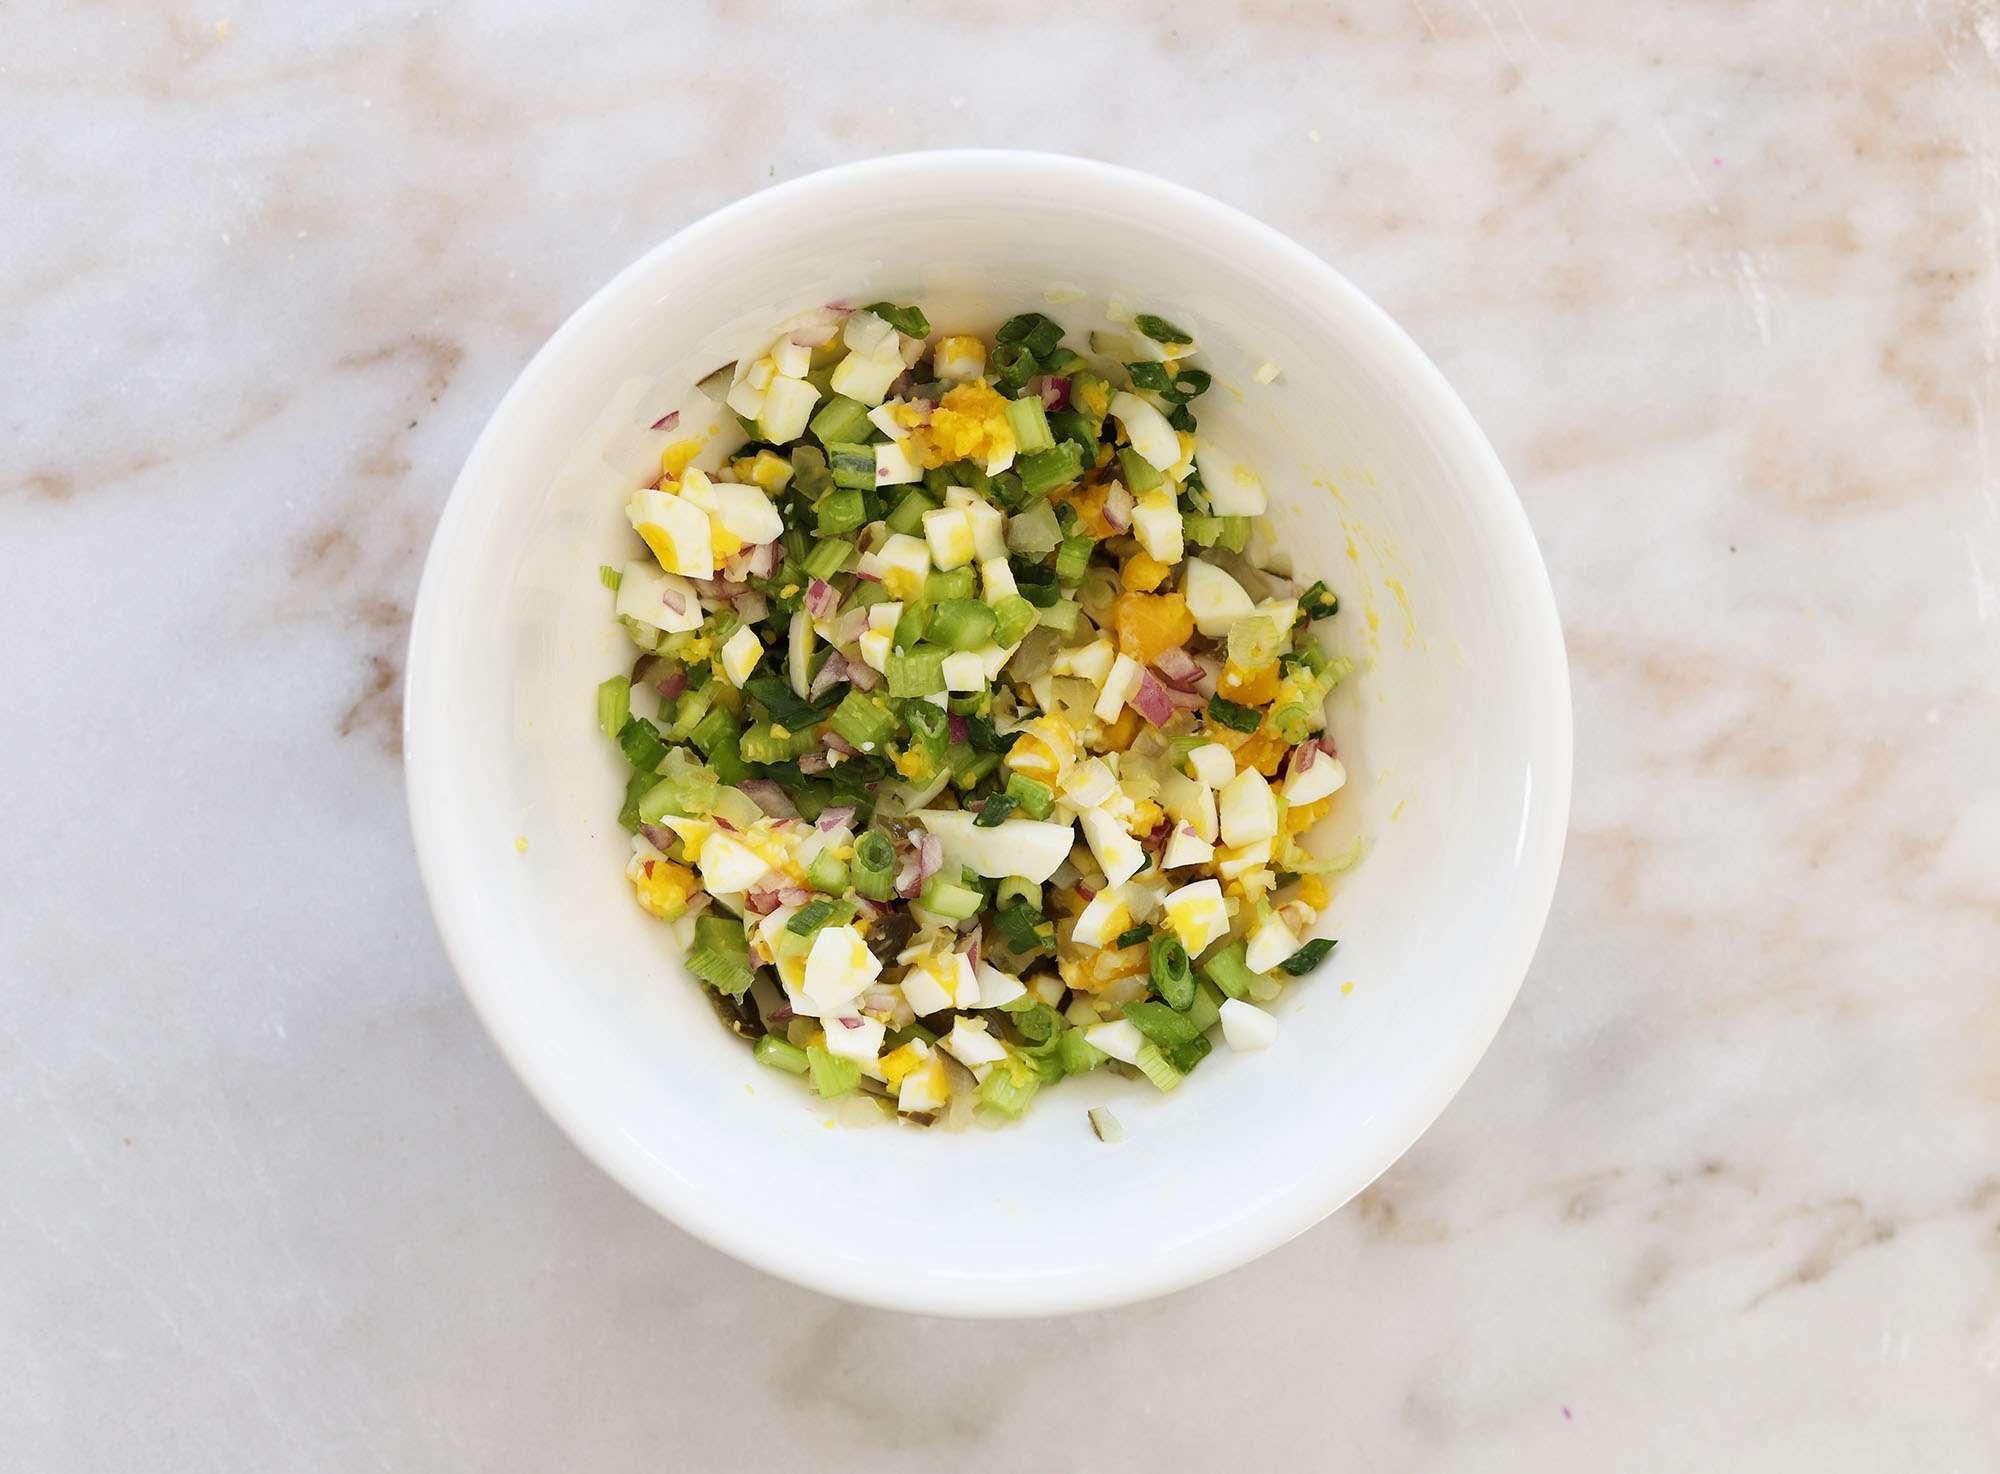 chopped veggies and hard boiled egg